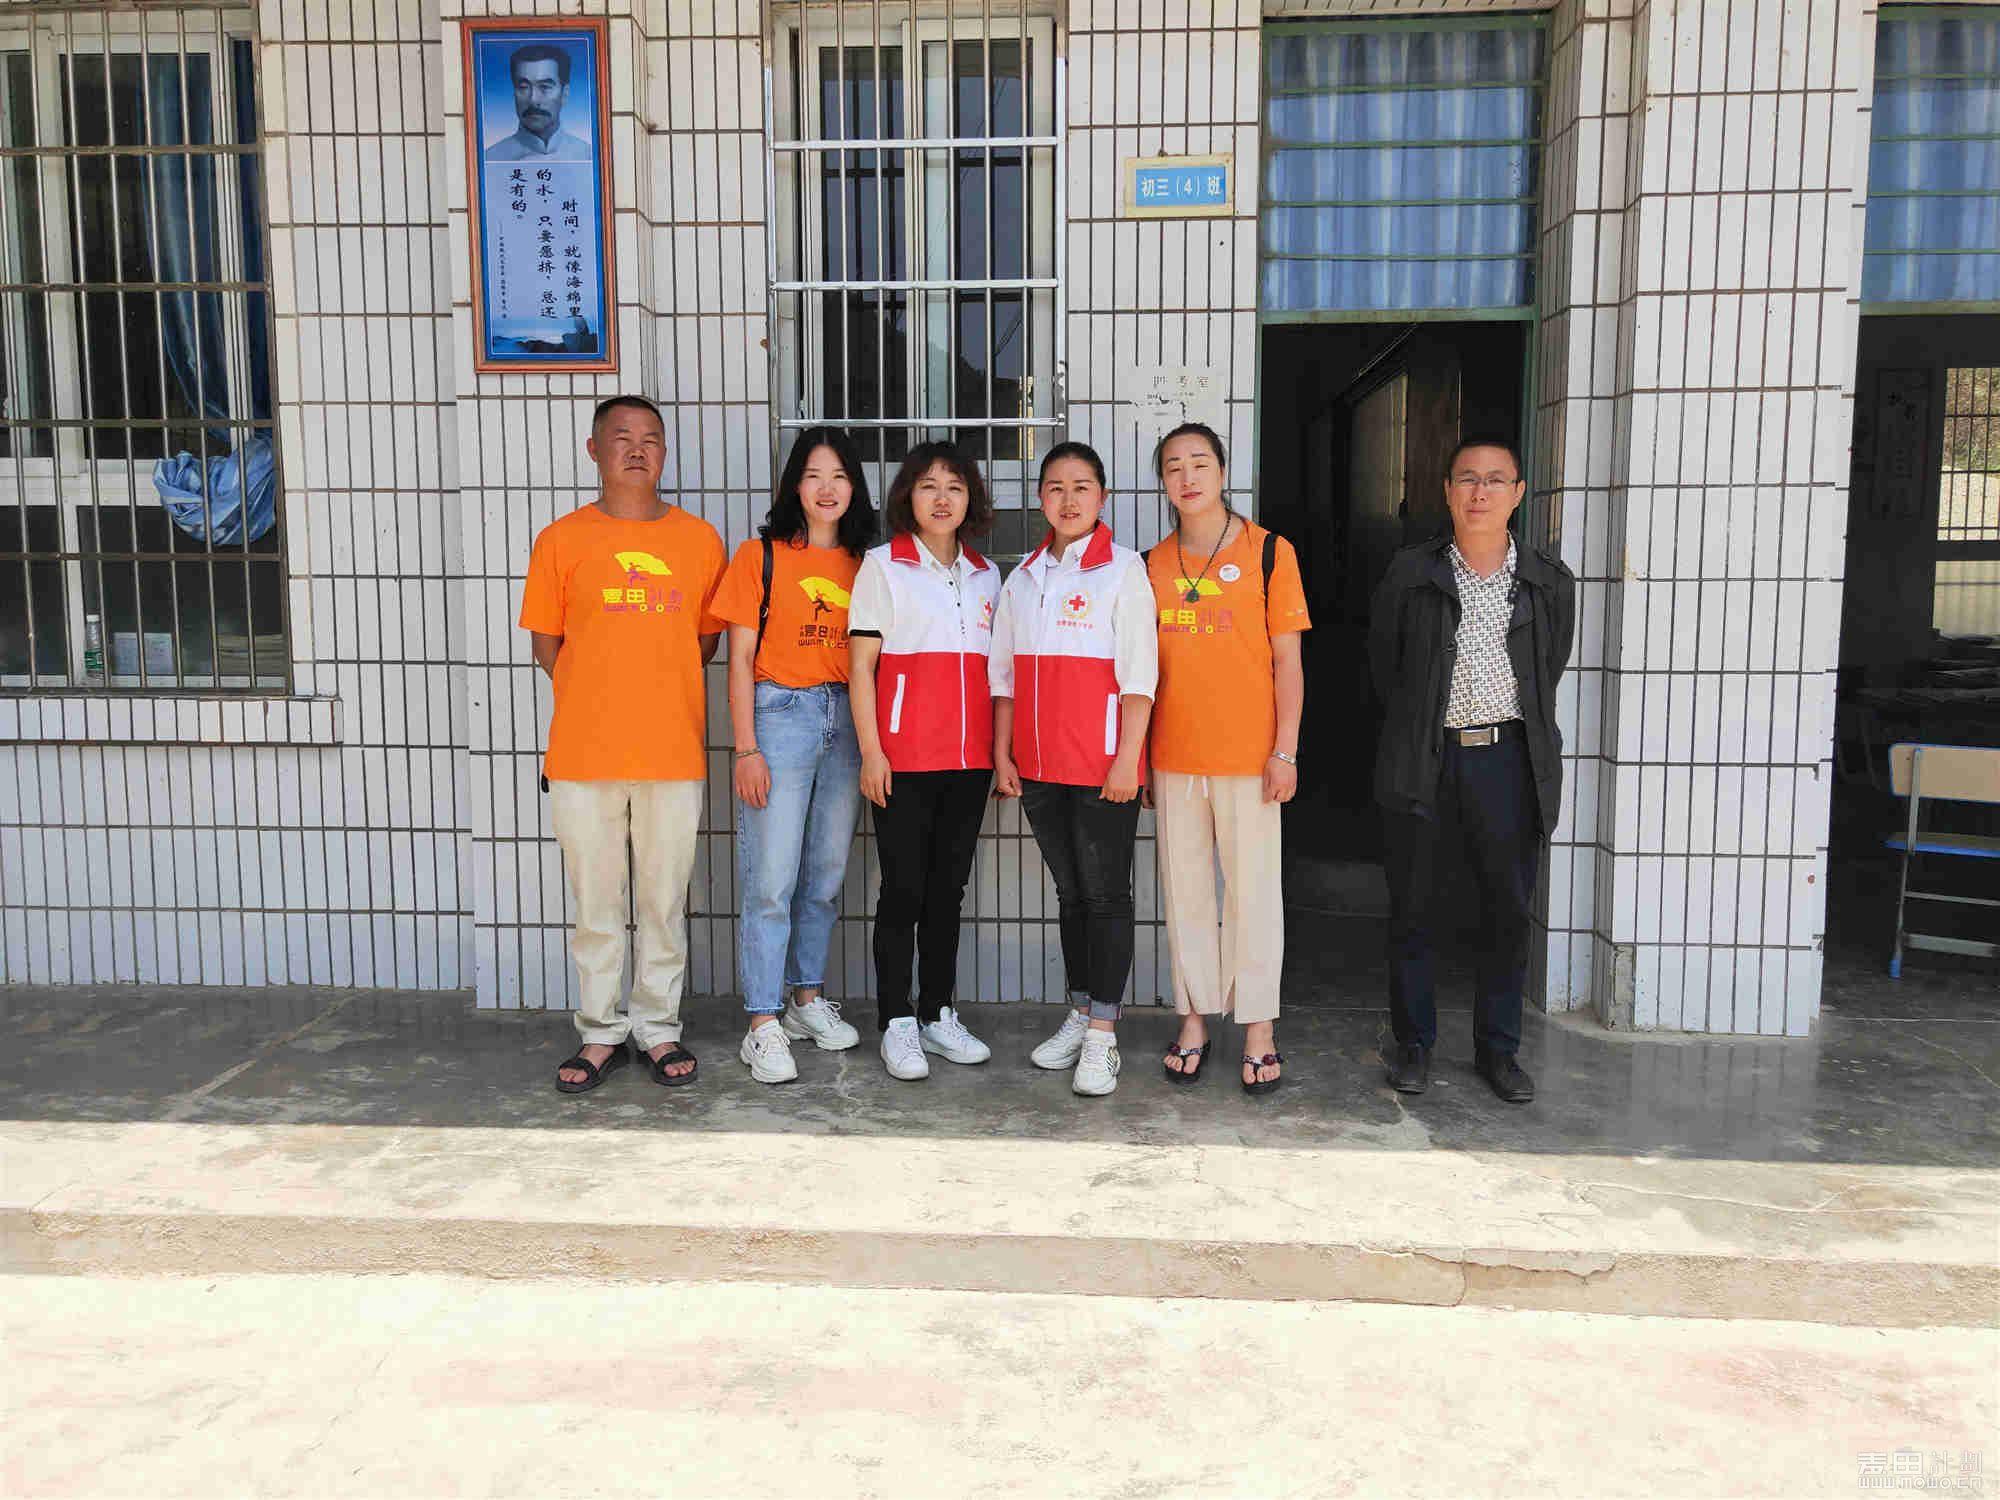 我们志愿者们到达了太平中学